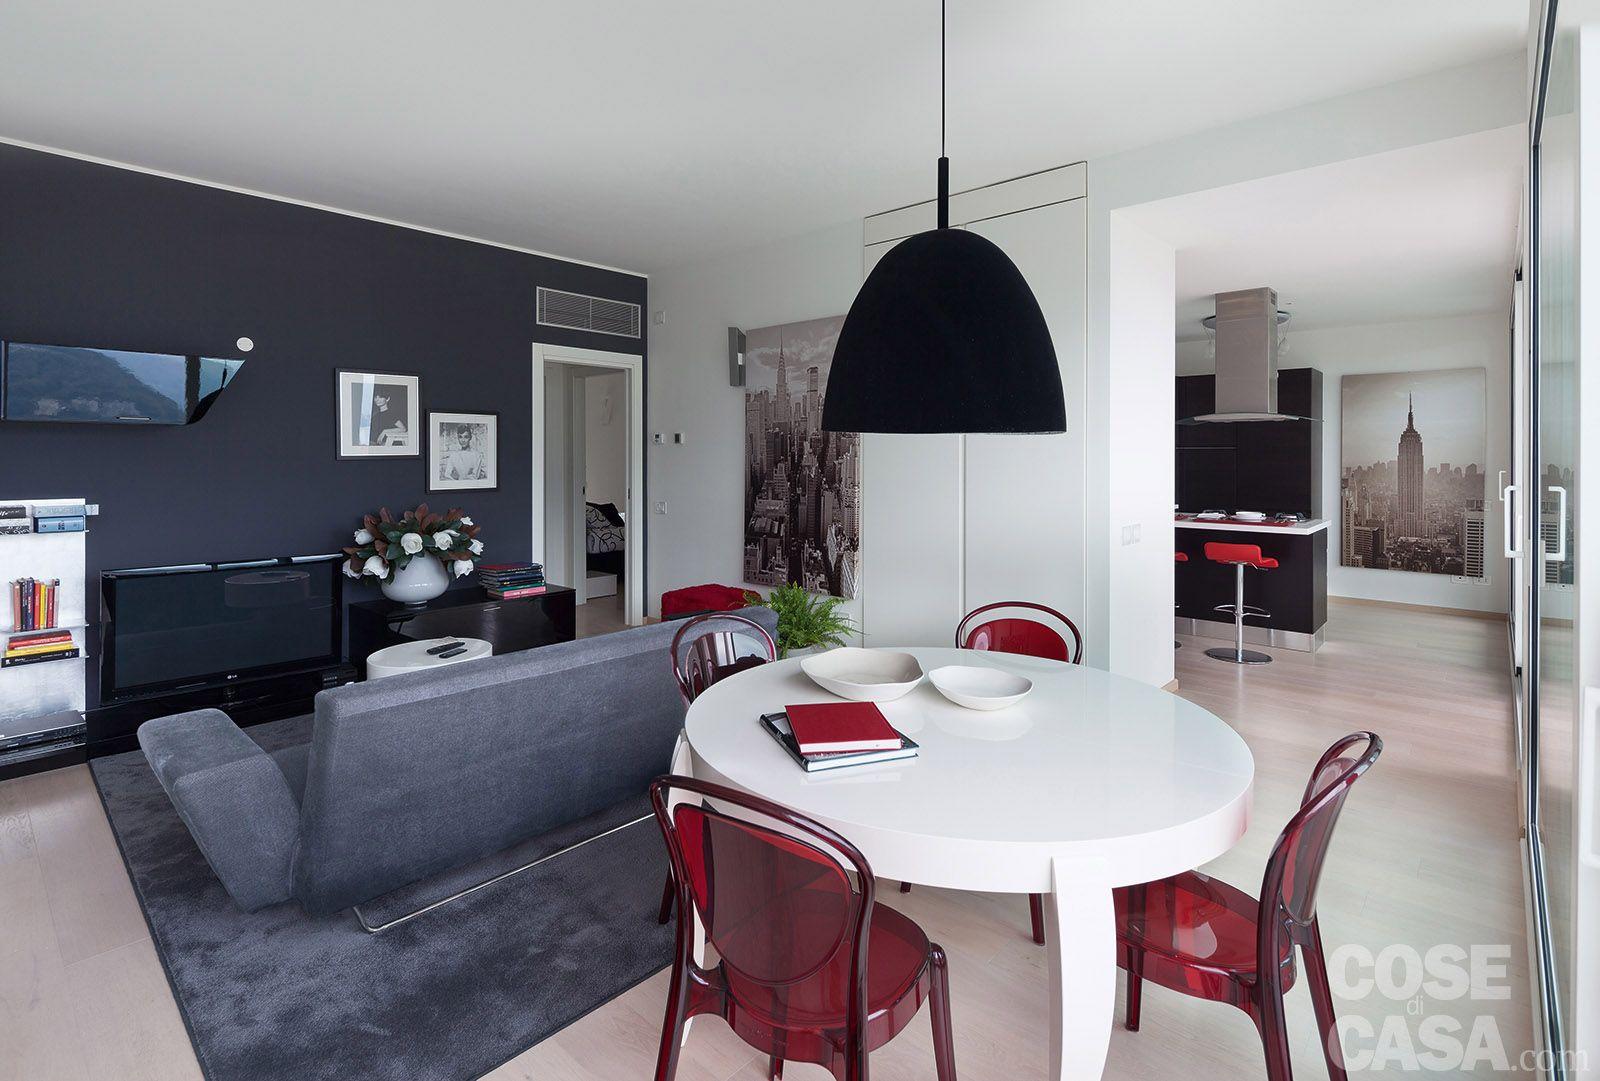 Tavolino soggiorno ~ Casa soggiorno tavolo rotondo arredamento spazi